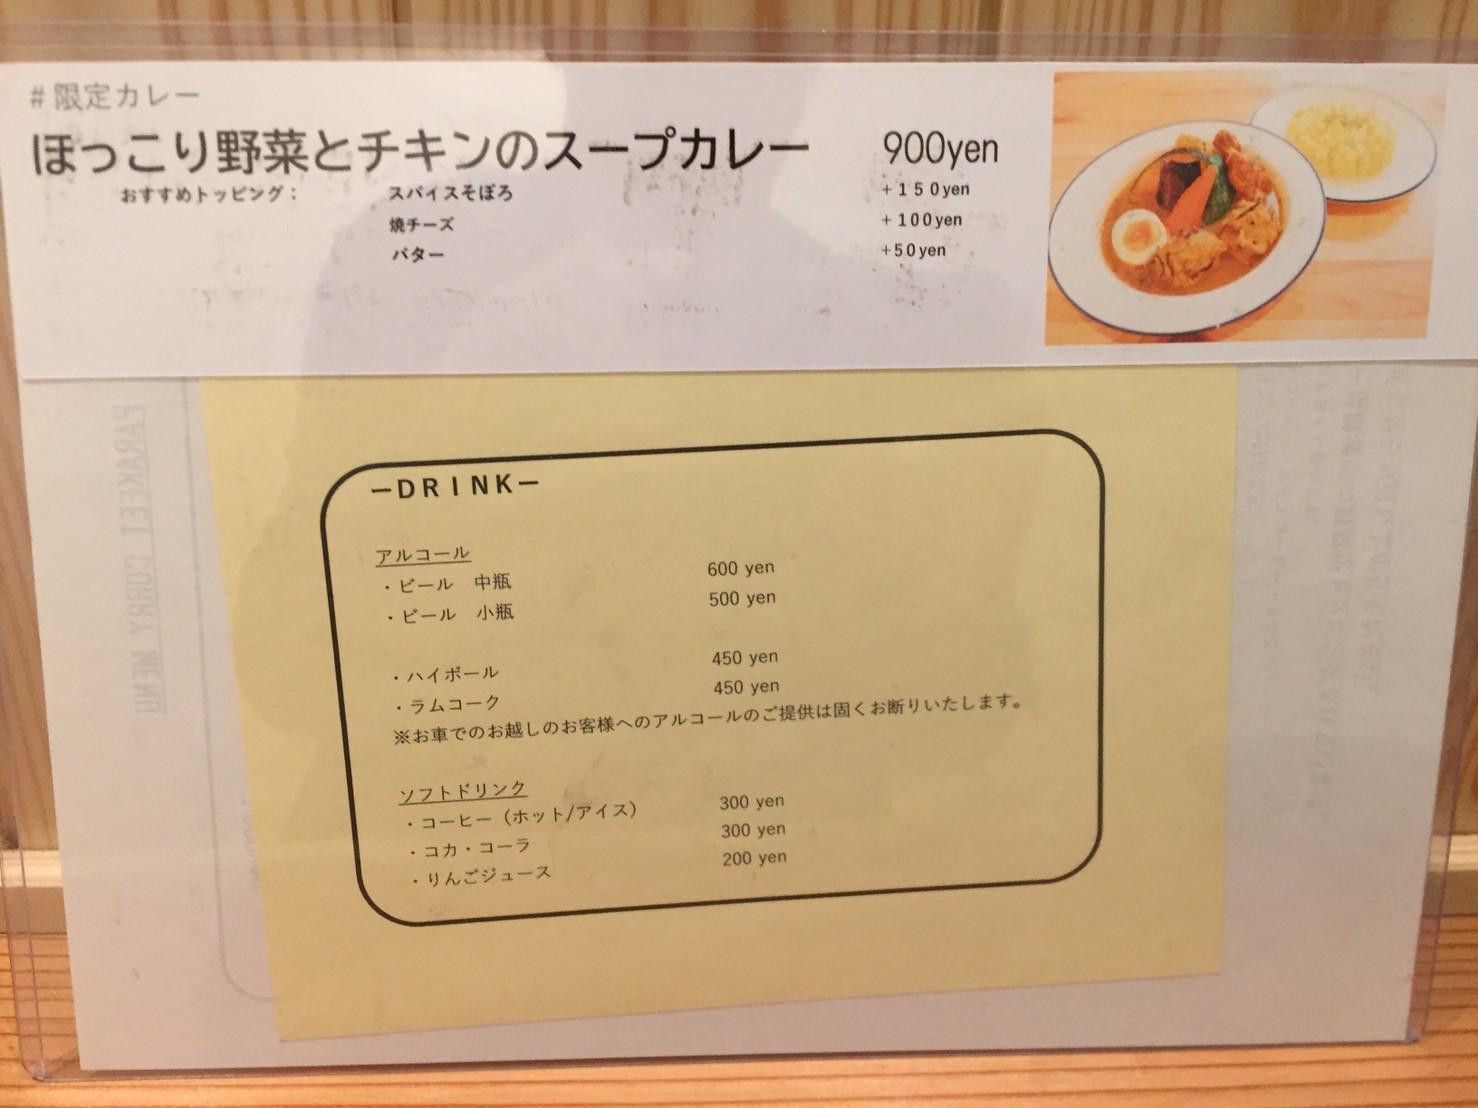 PARAKEET  限定カレー (ほっこり野菜とチキンのスープカレー)_e0115904_21450142.jpg